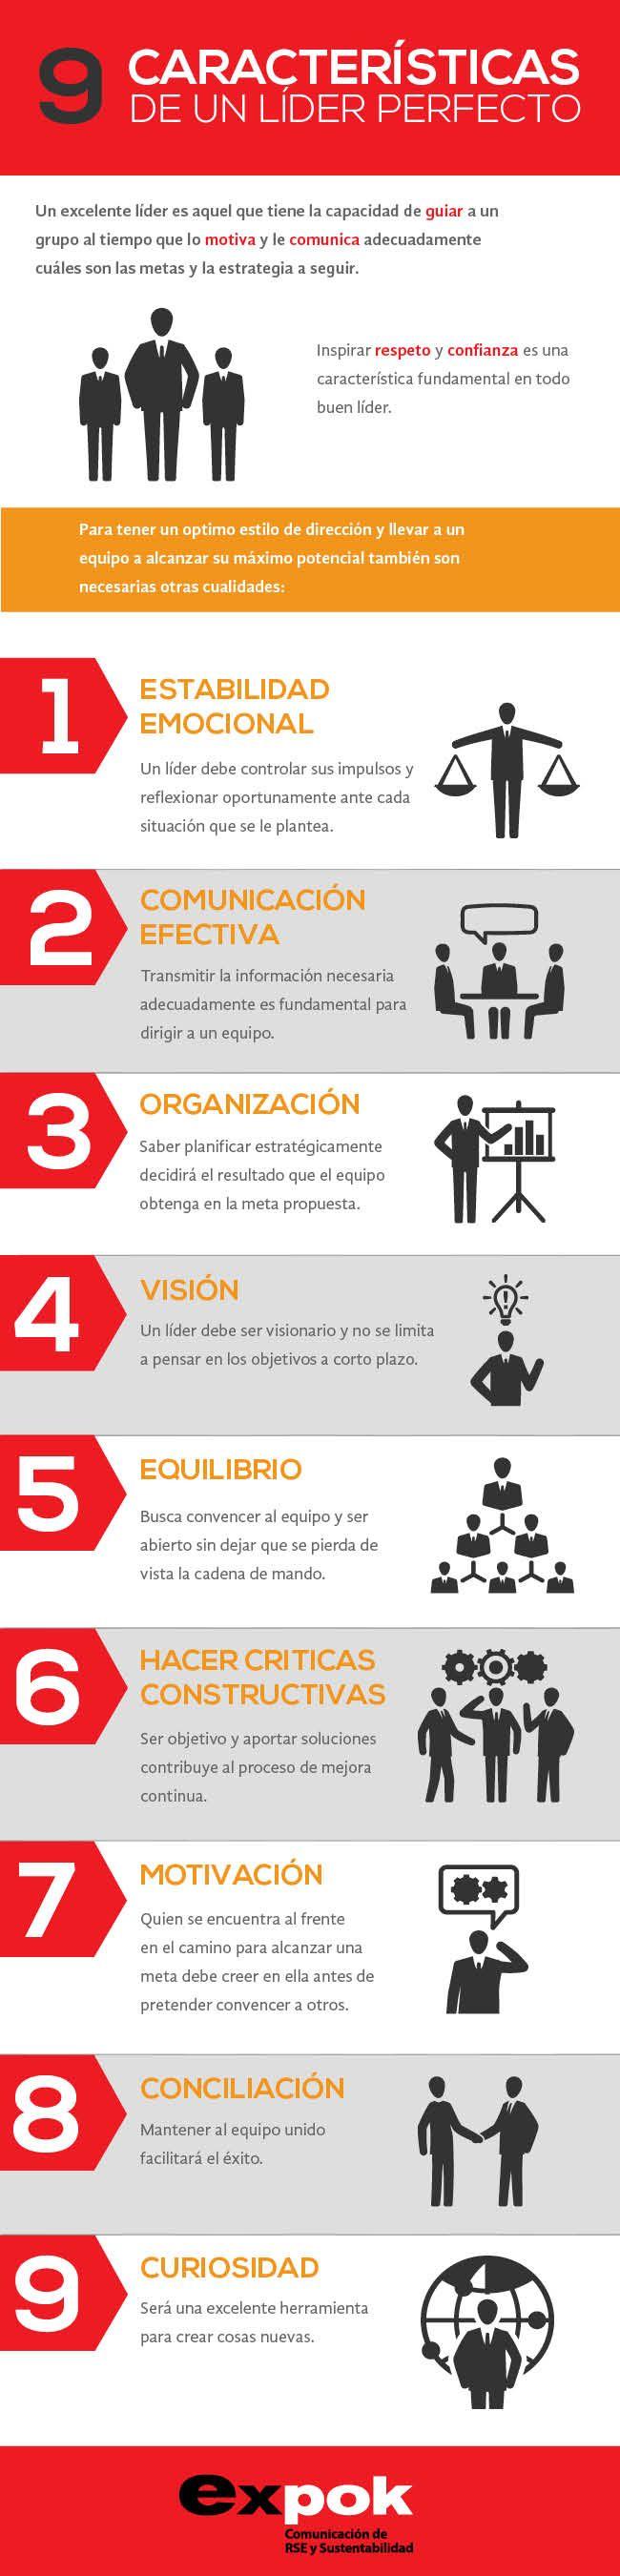 9 características de un líder perfecto.